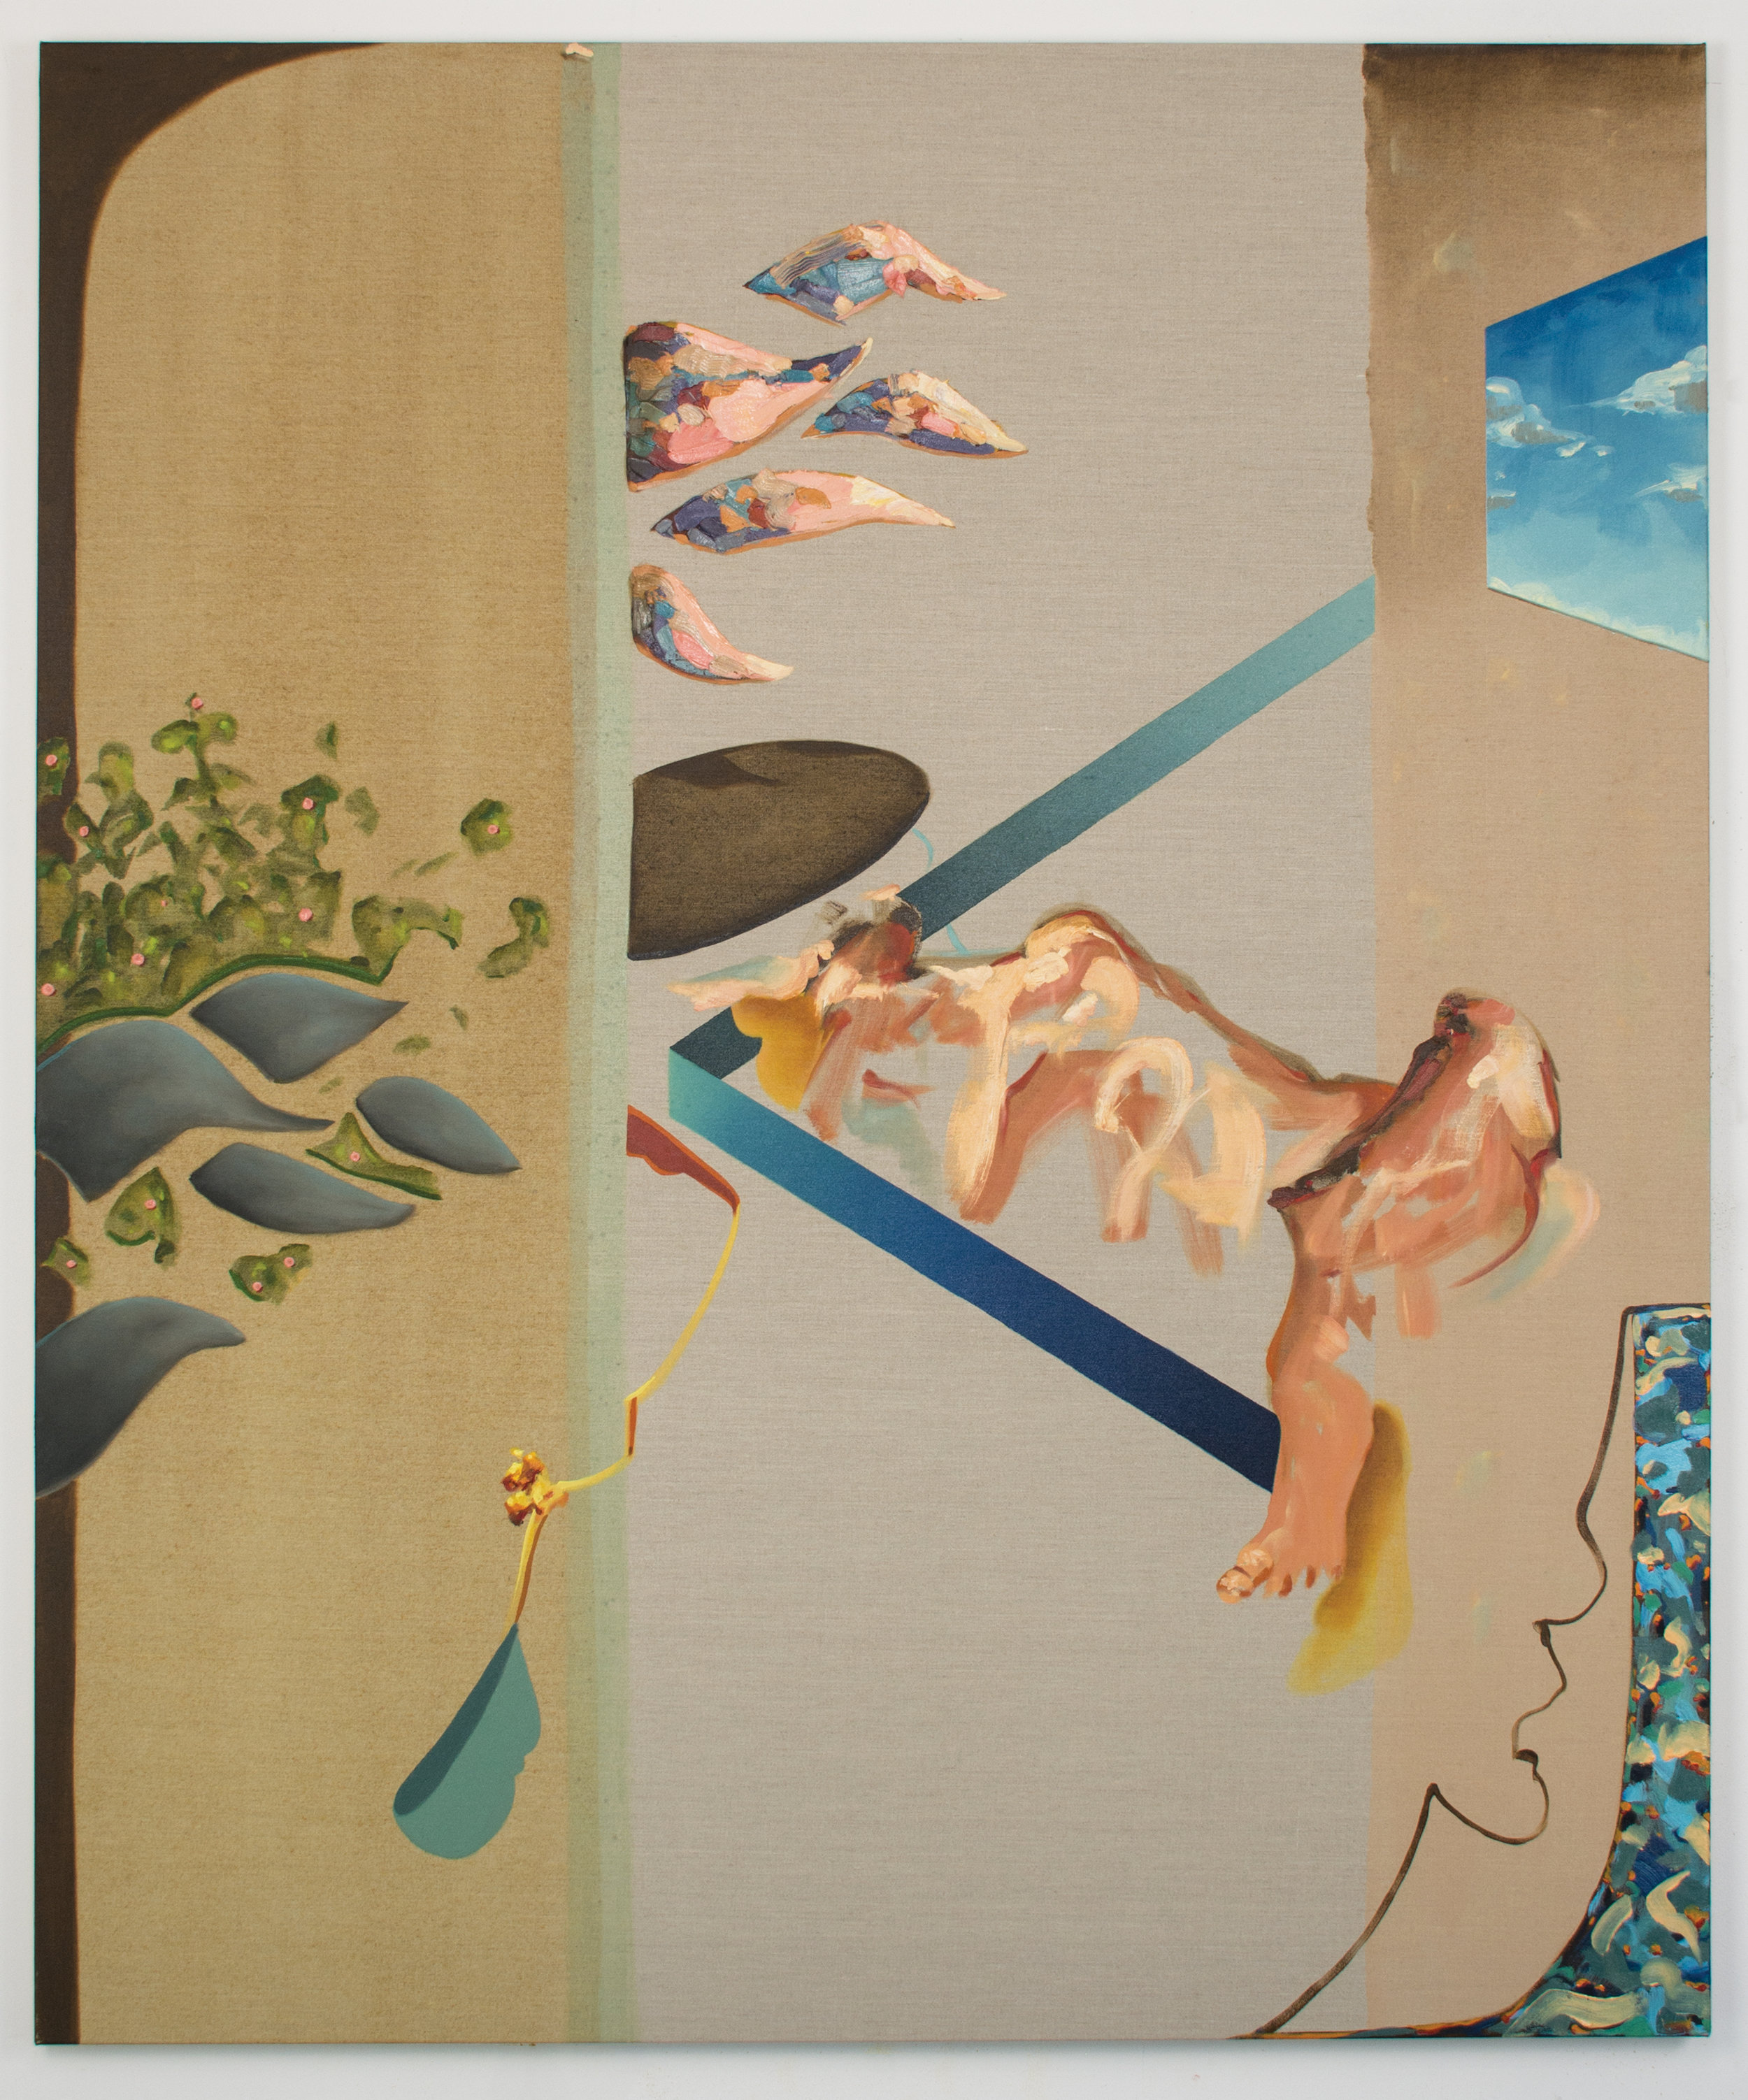 Slumber, 2018, Oil on linen, 150 x 125 cm